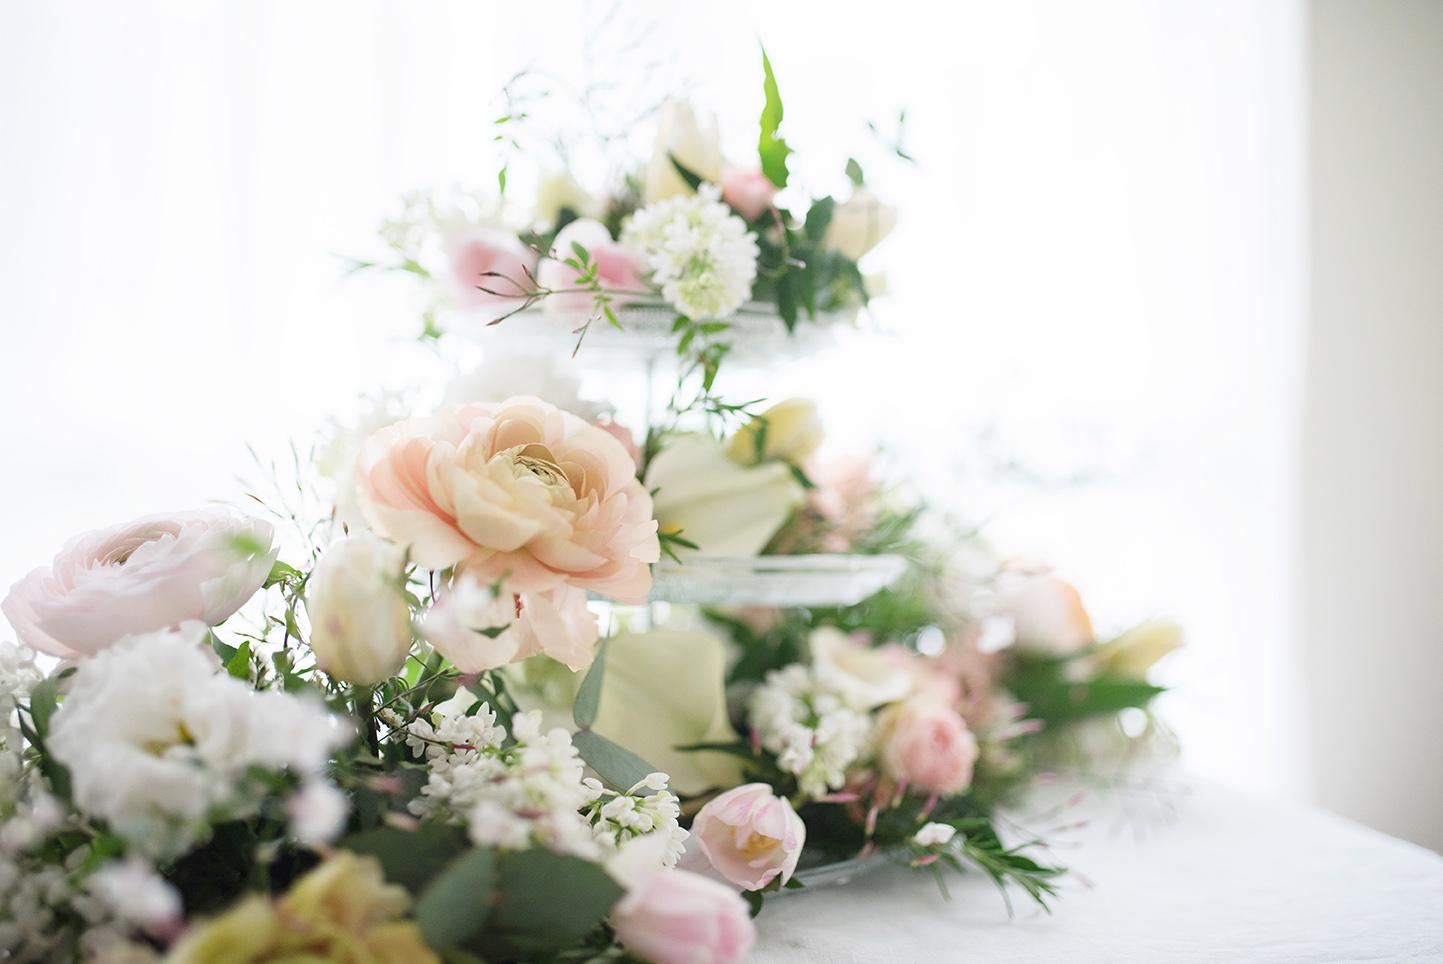 fleuriste-mariage-paris-sh02.jpg